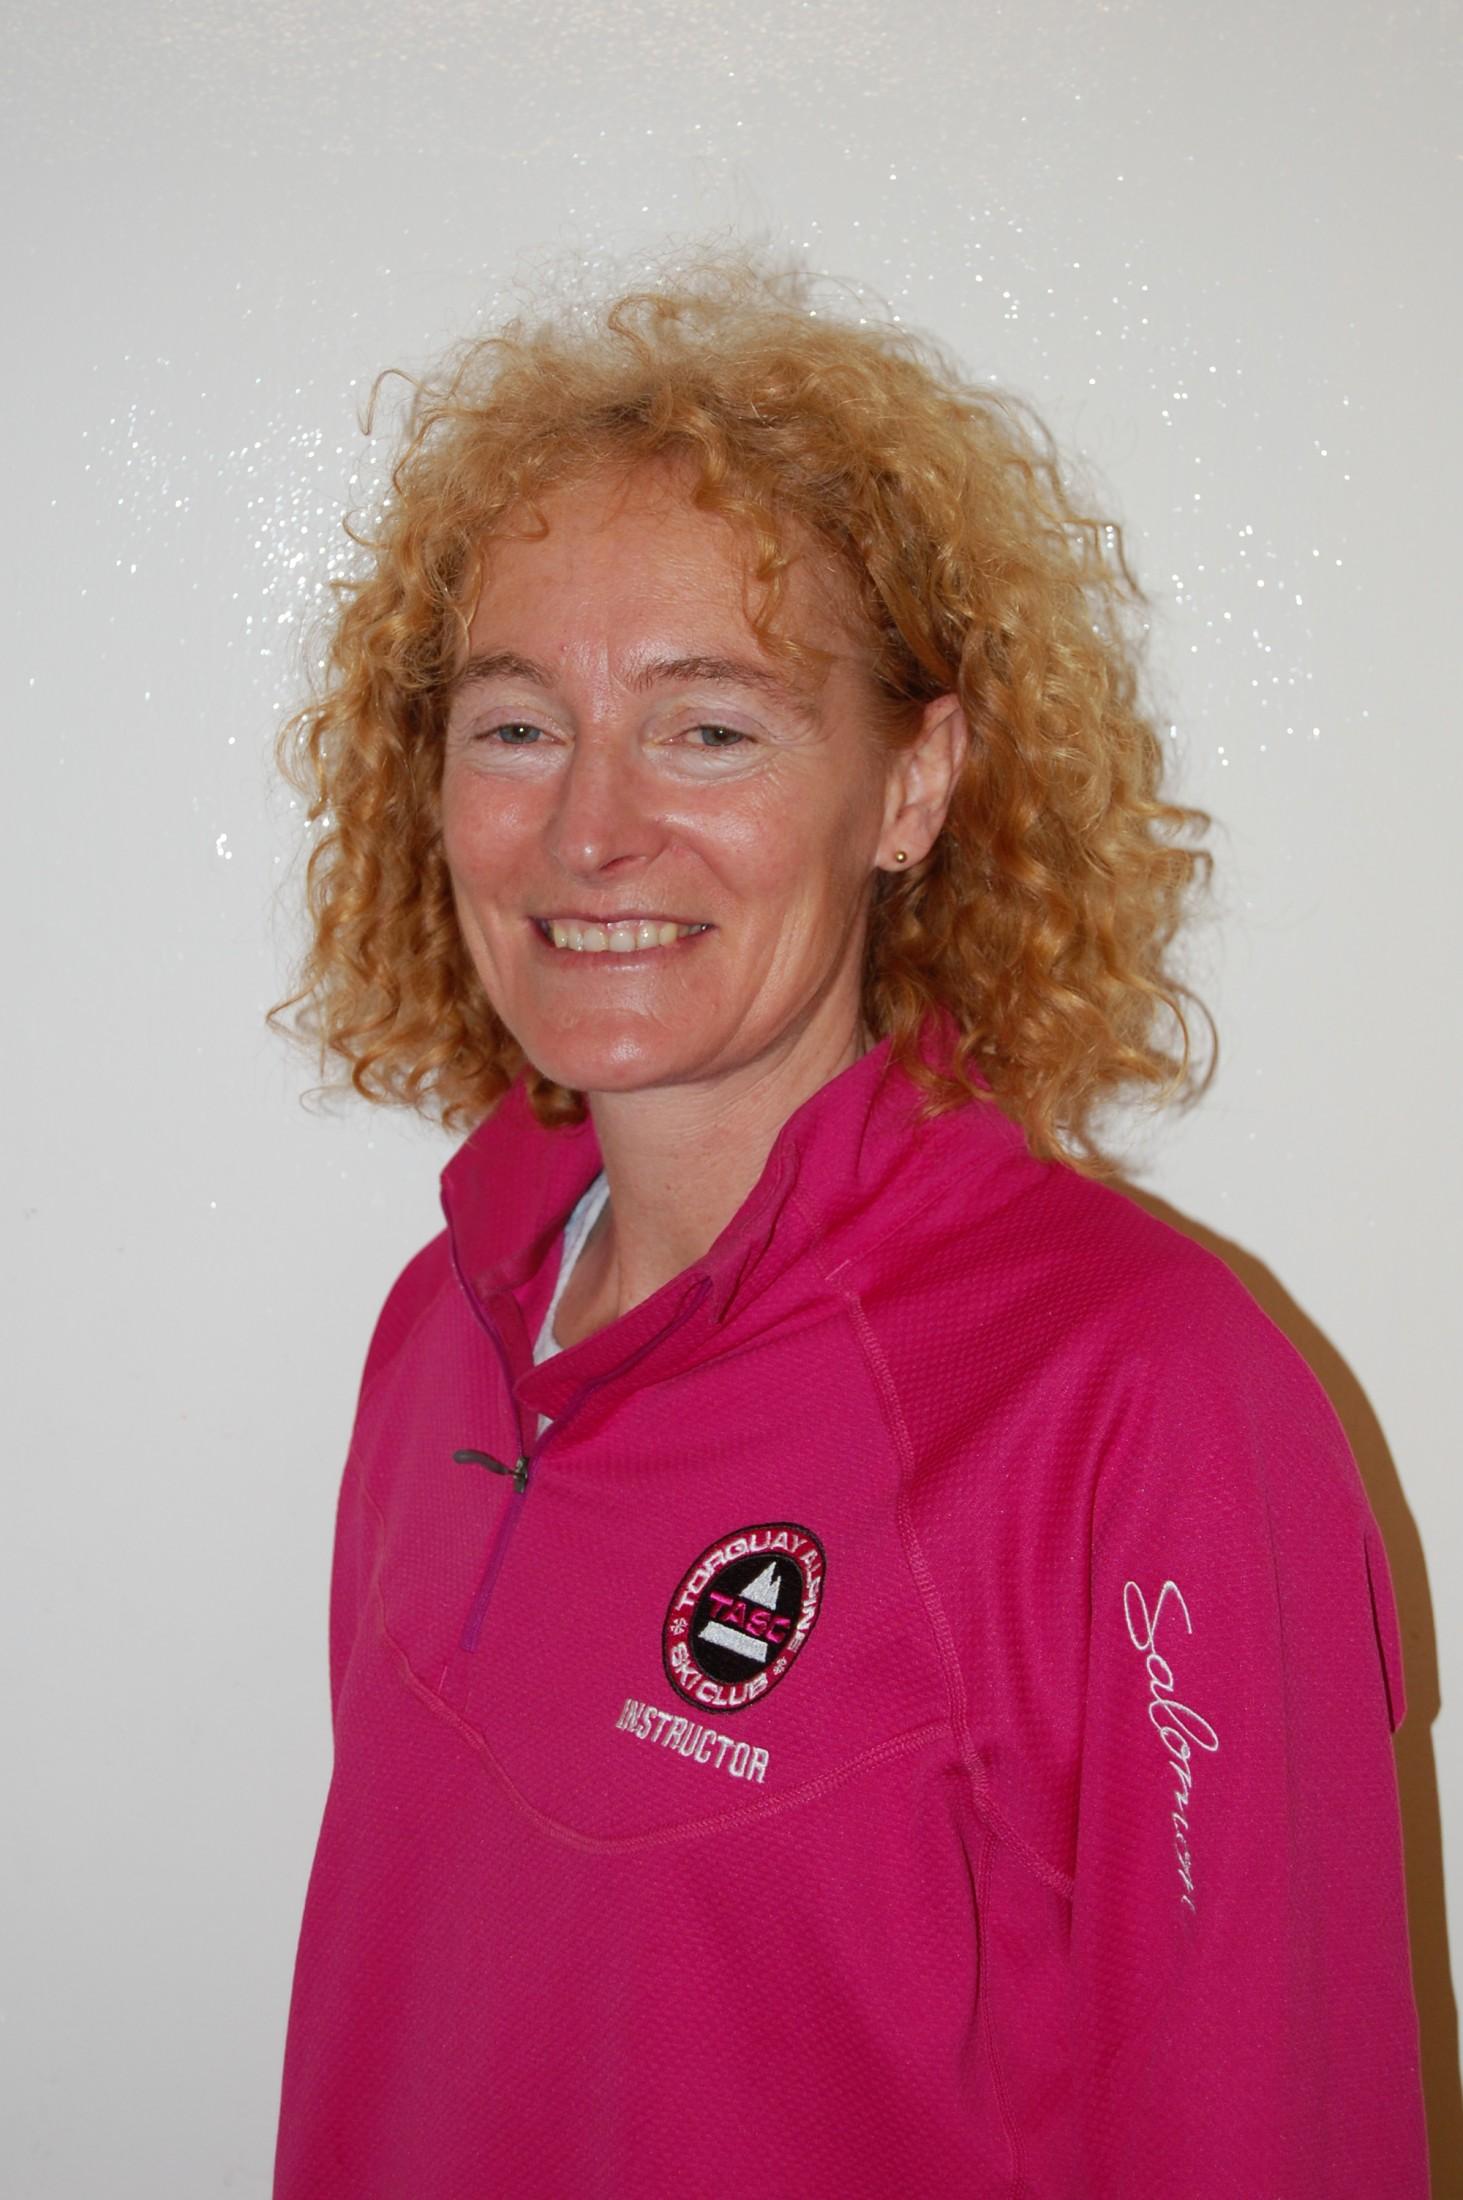 Sandy Vetterlain